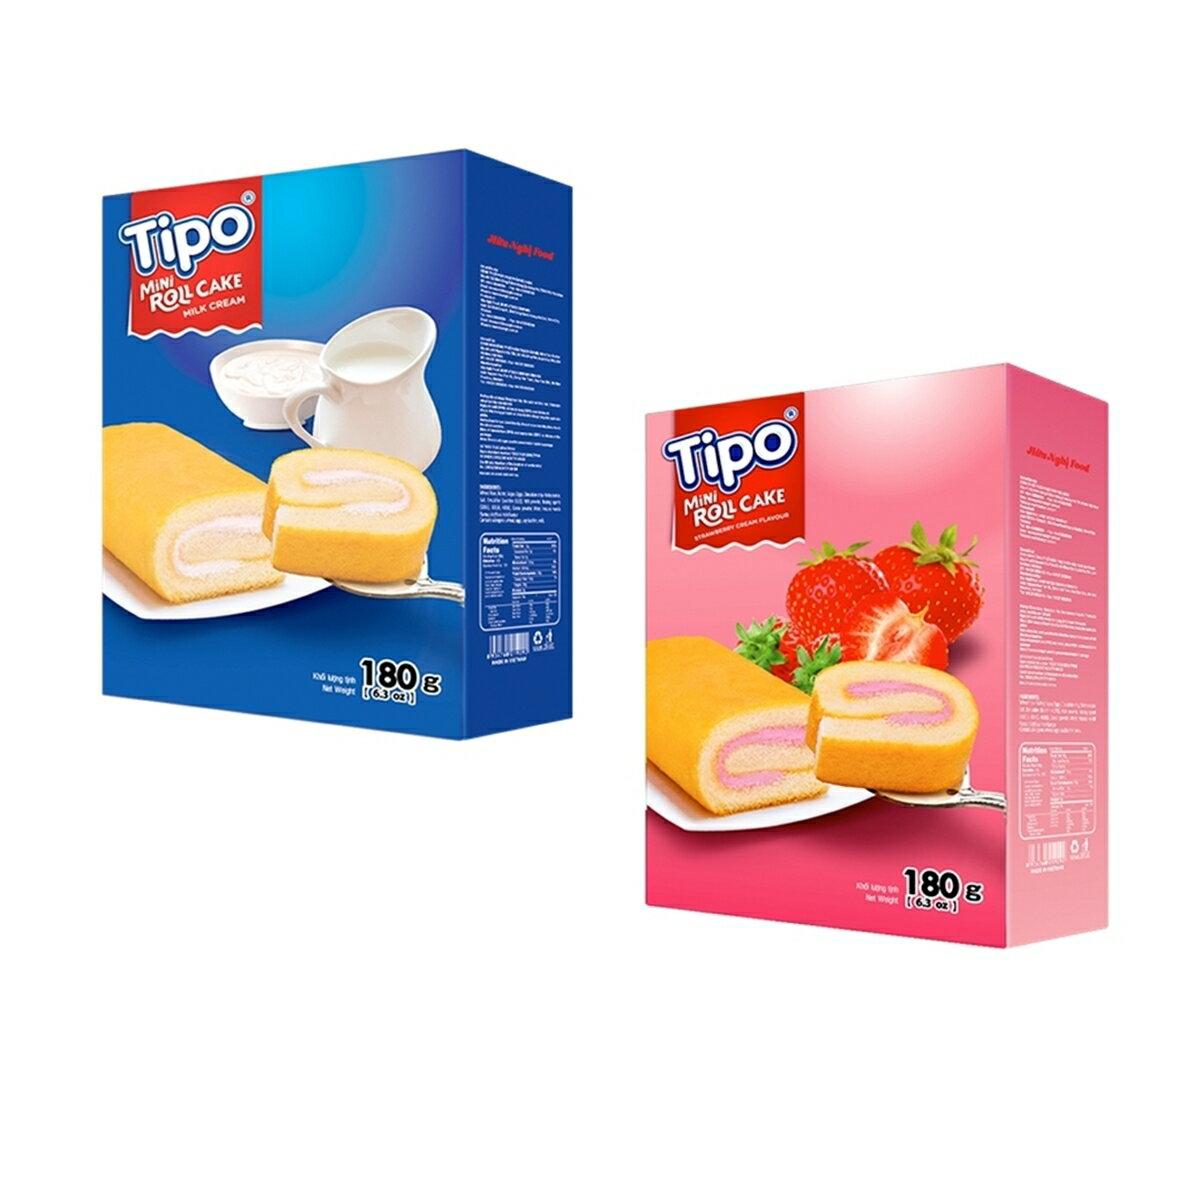 越南 TIPO 瑞士捲 牛奶口味 草莓口味 80g [928福利社]全館299免運